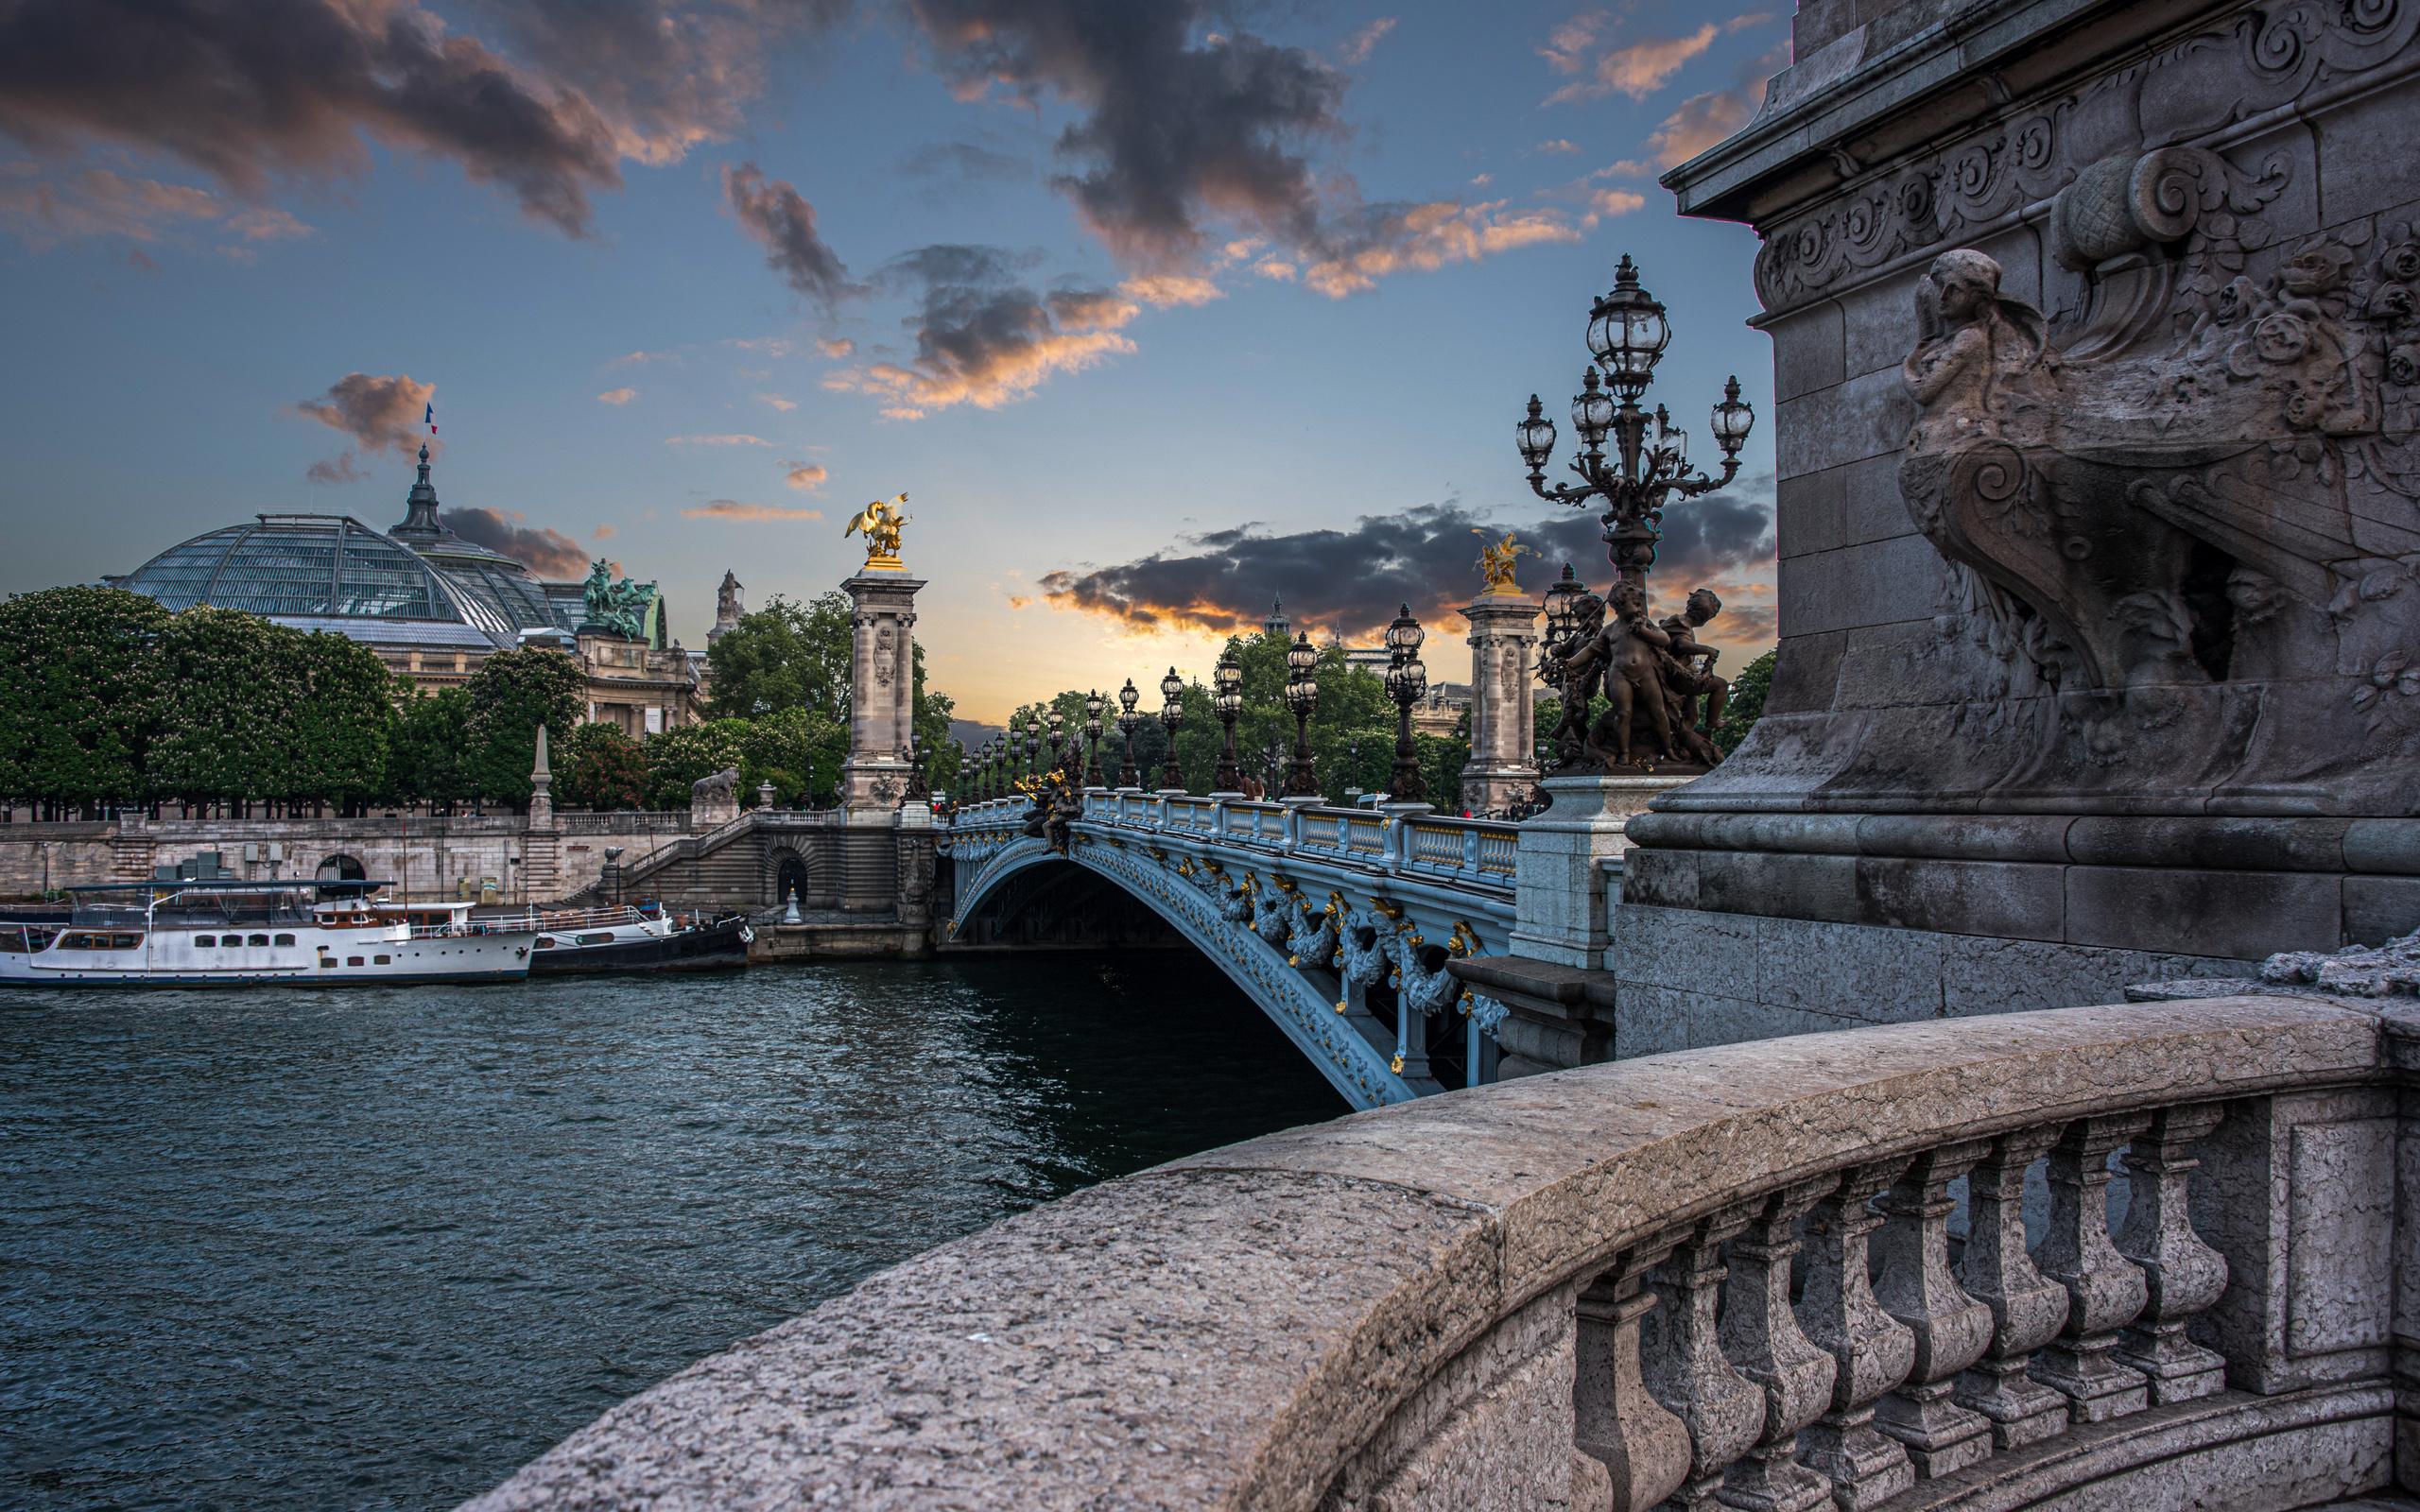 город, река, франция, париж, дома, фонари, сена, колонны, мост александра iii